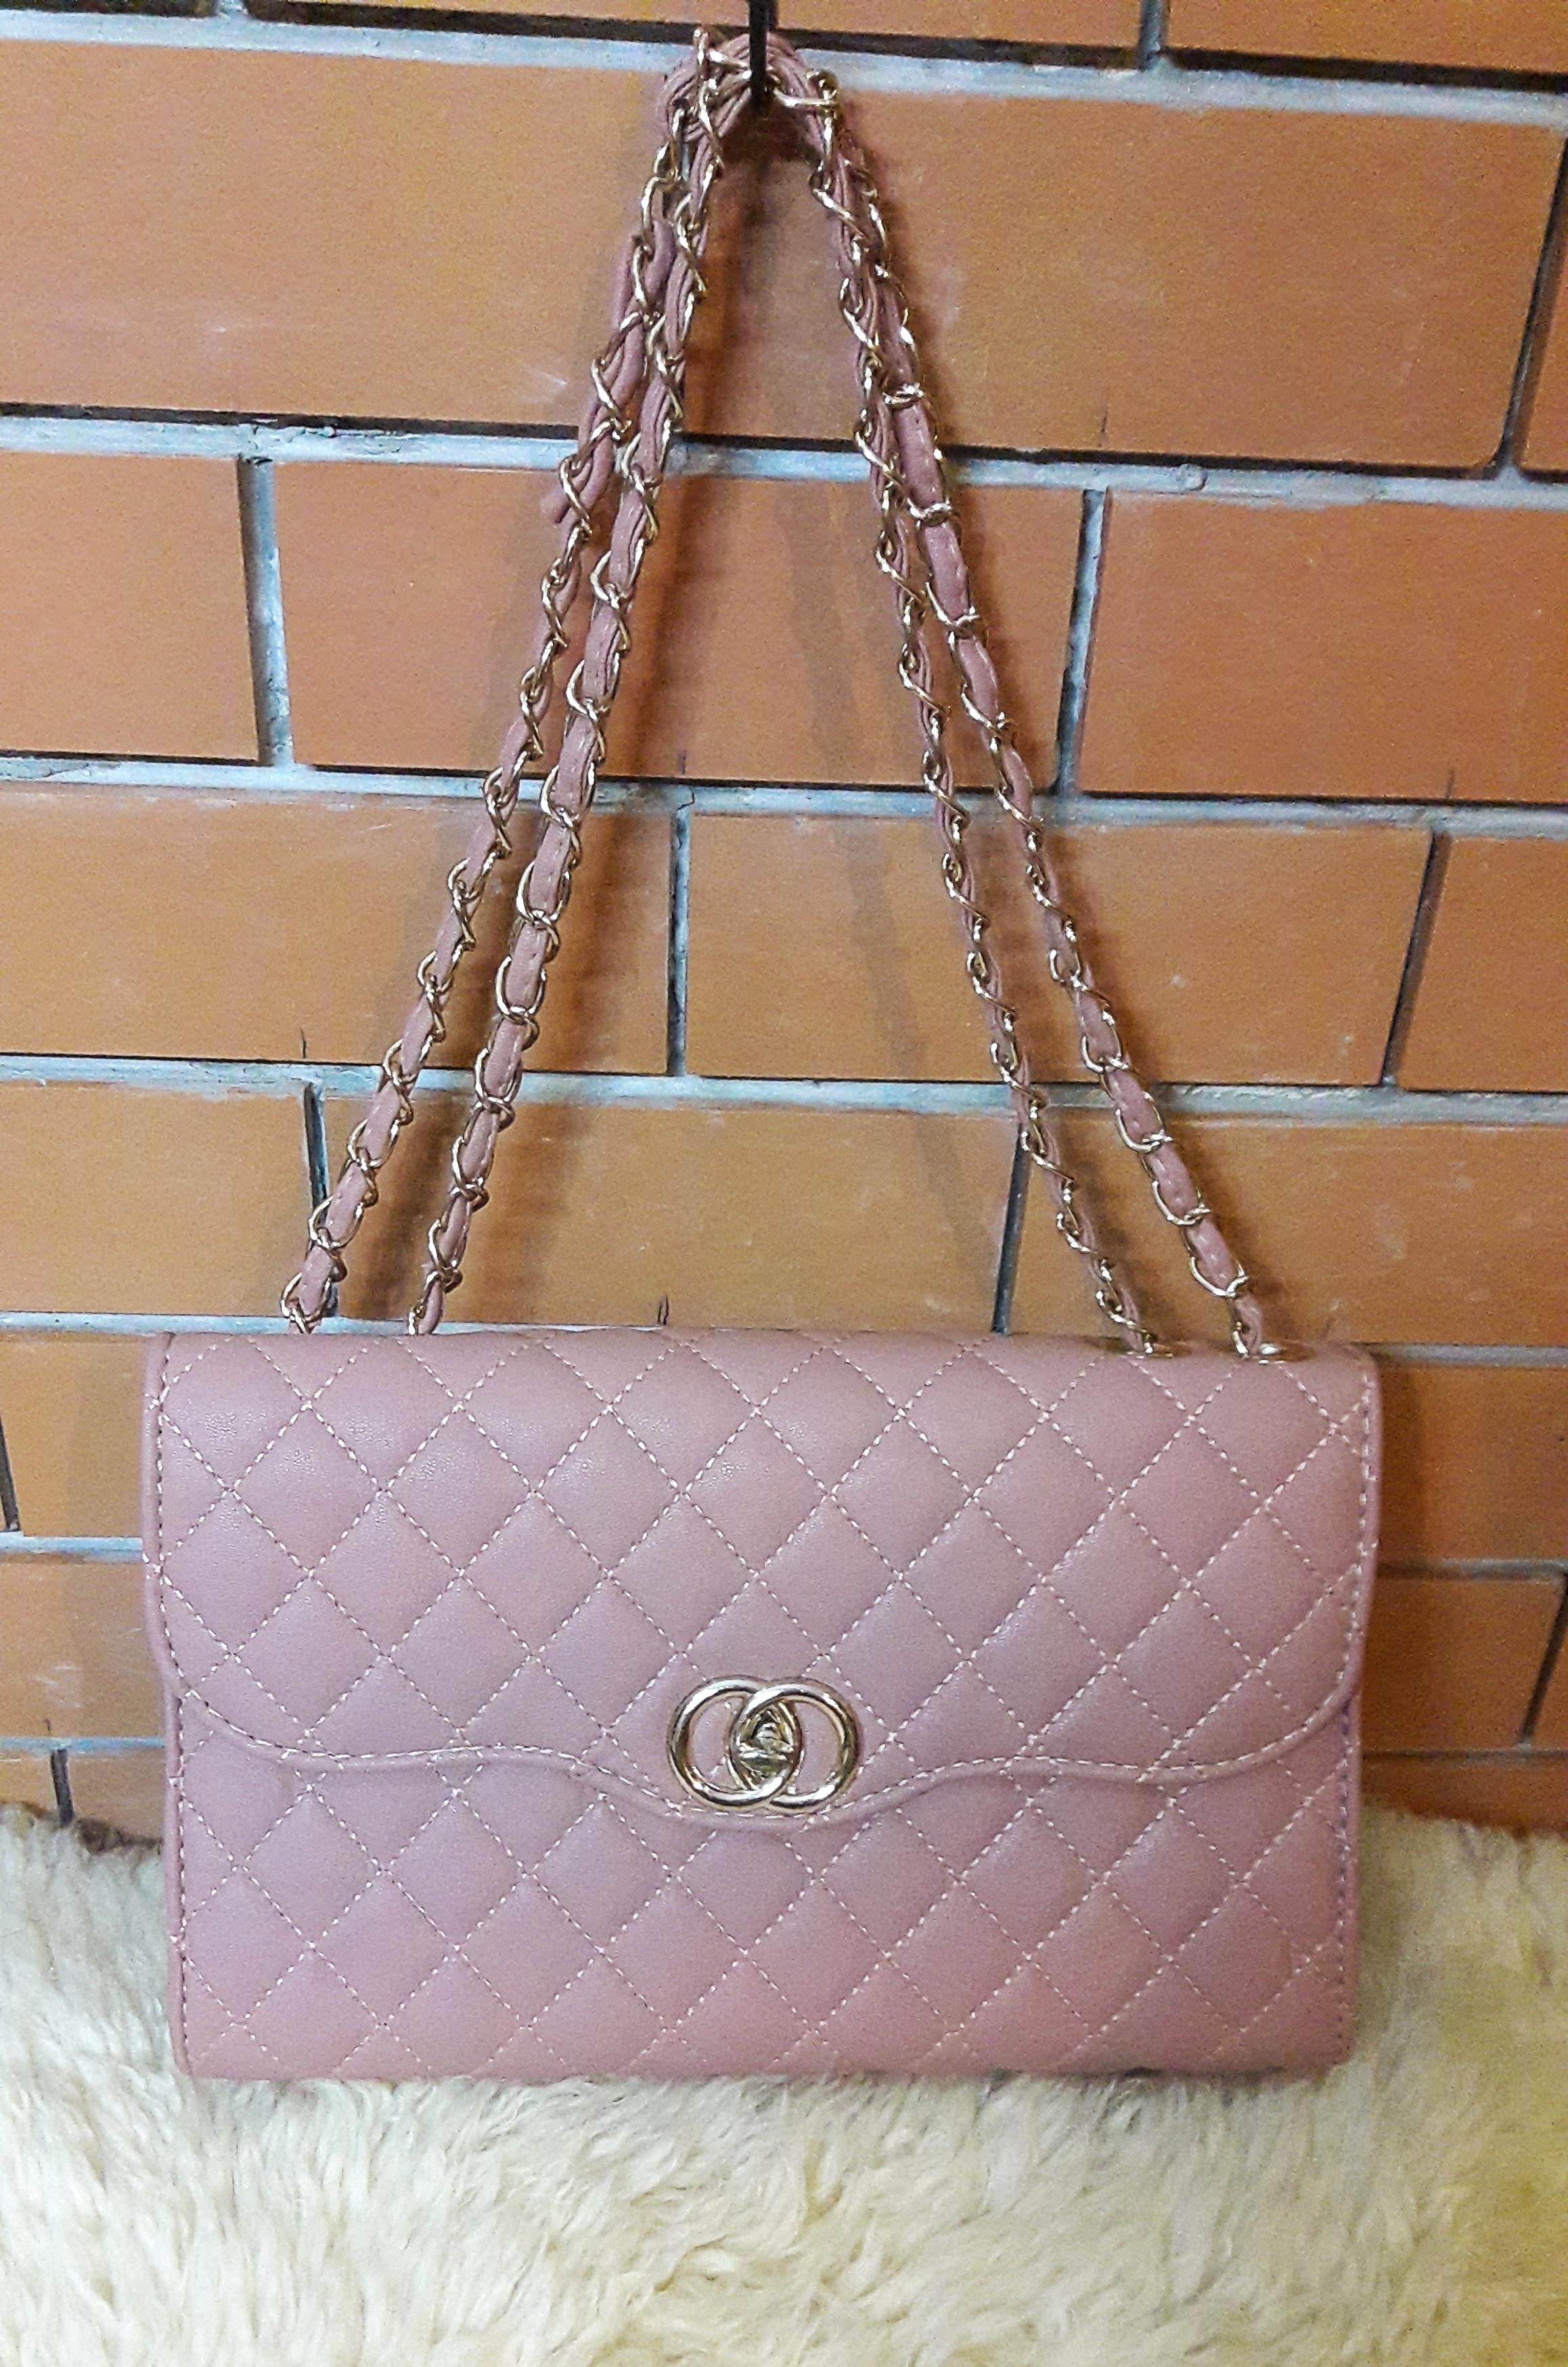 BAG057 กระเป๋าสะพายสีชมพู สวยๆ (มือ2 สภาพดี)